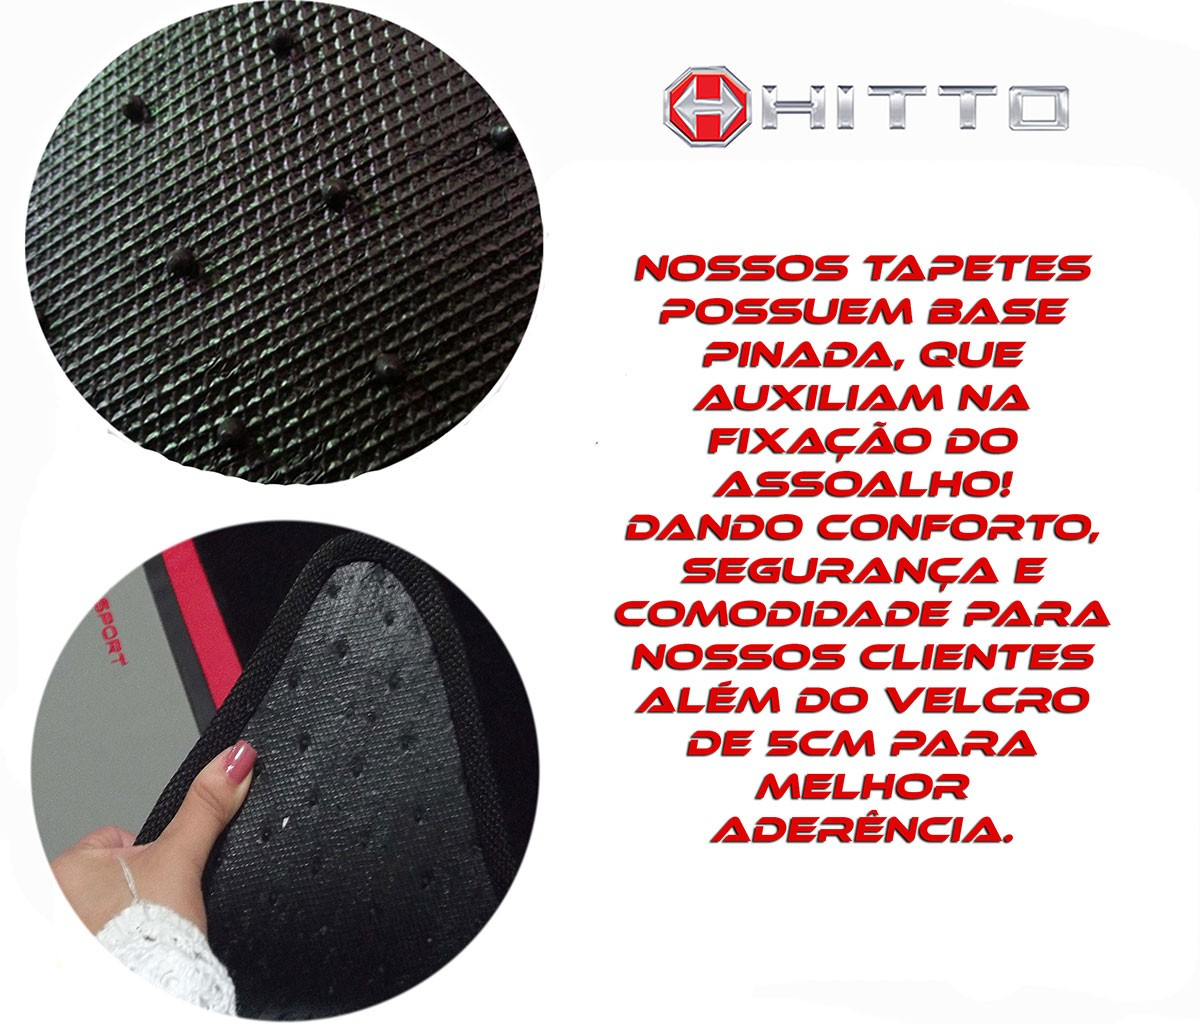 Jogo de Tapetes Tracker PCD Borracha Hard Pinada Pvc HTTO